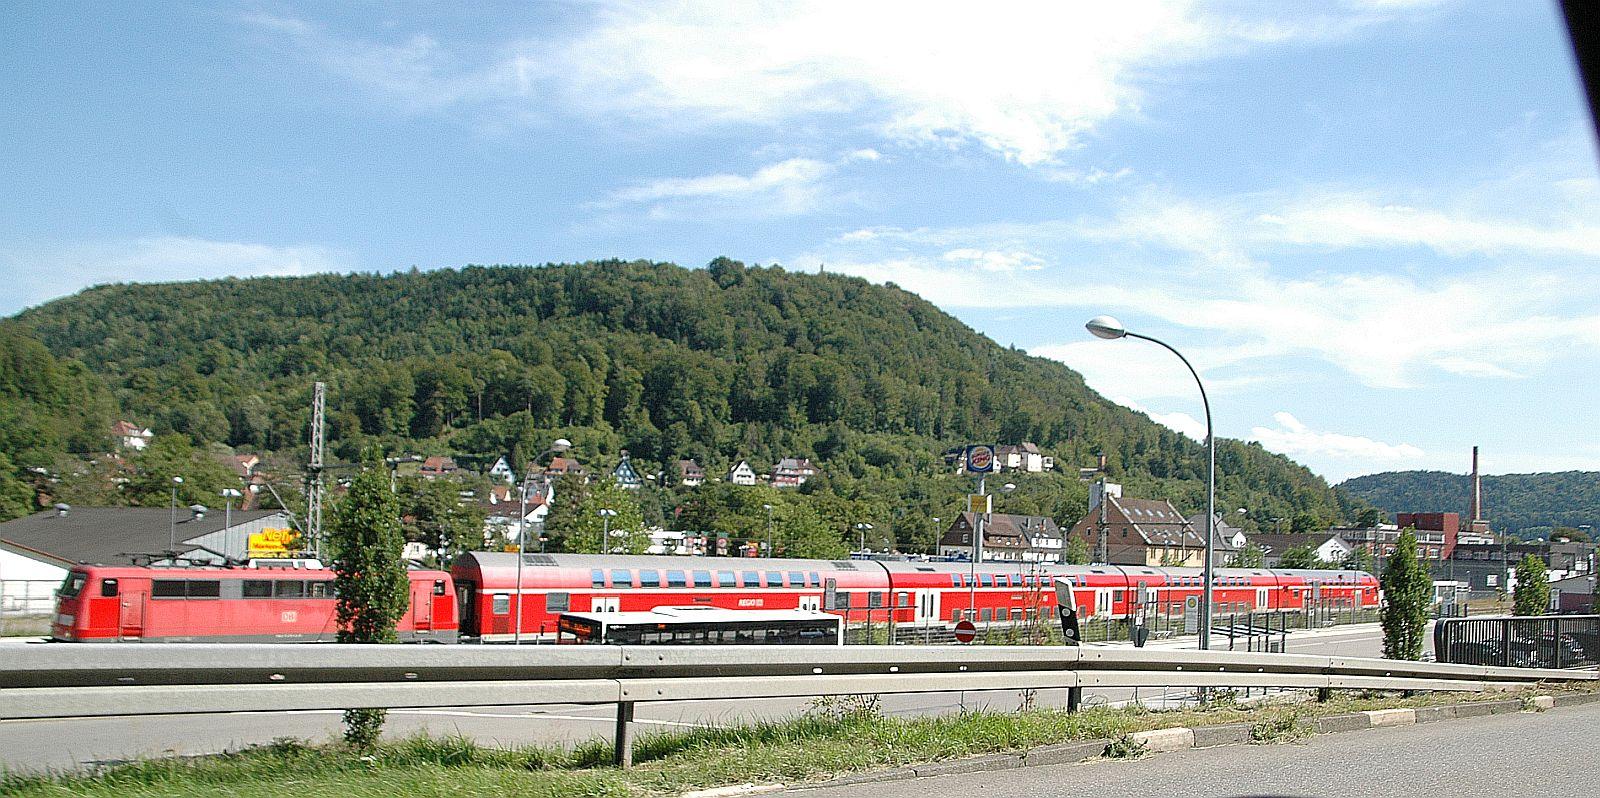 Zug auf der Gäubahn Richtung Stuttgart. Archiv-Foto: him